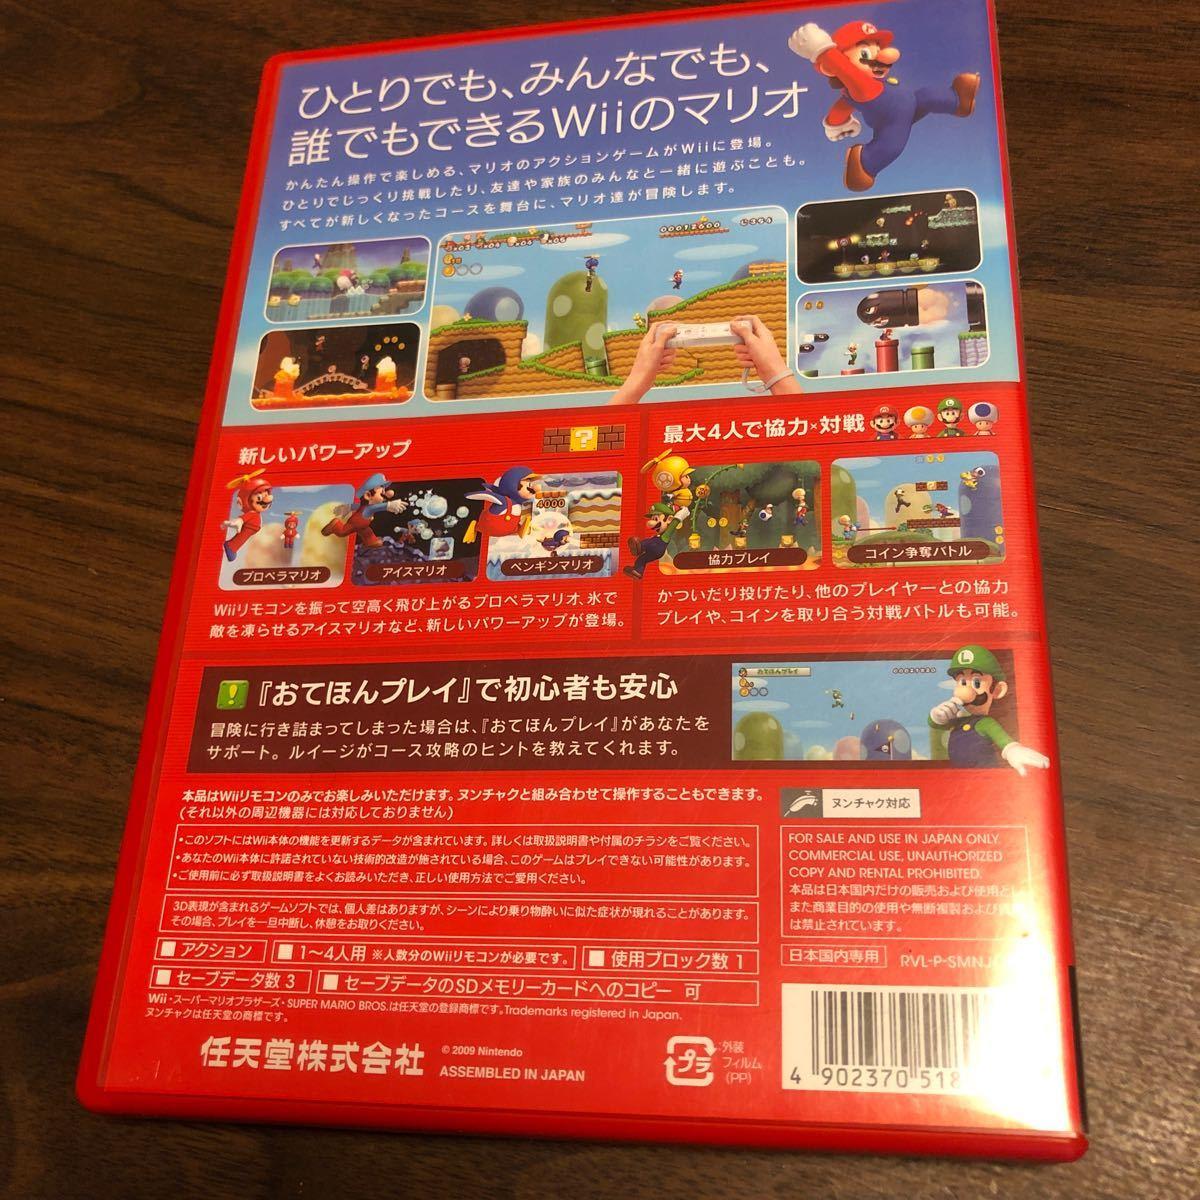 【Wii】ニュースーパーマリオブラザーズ・wii